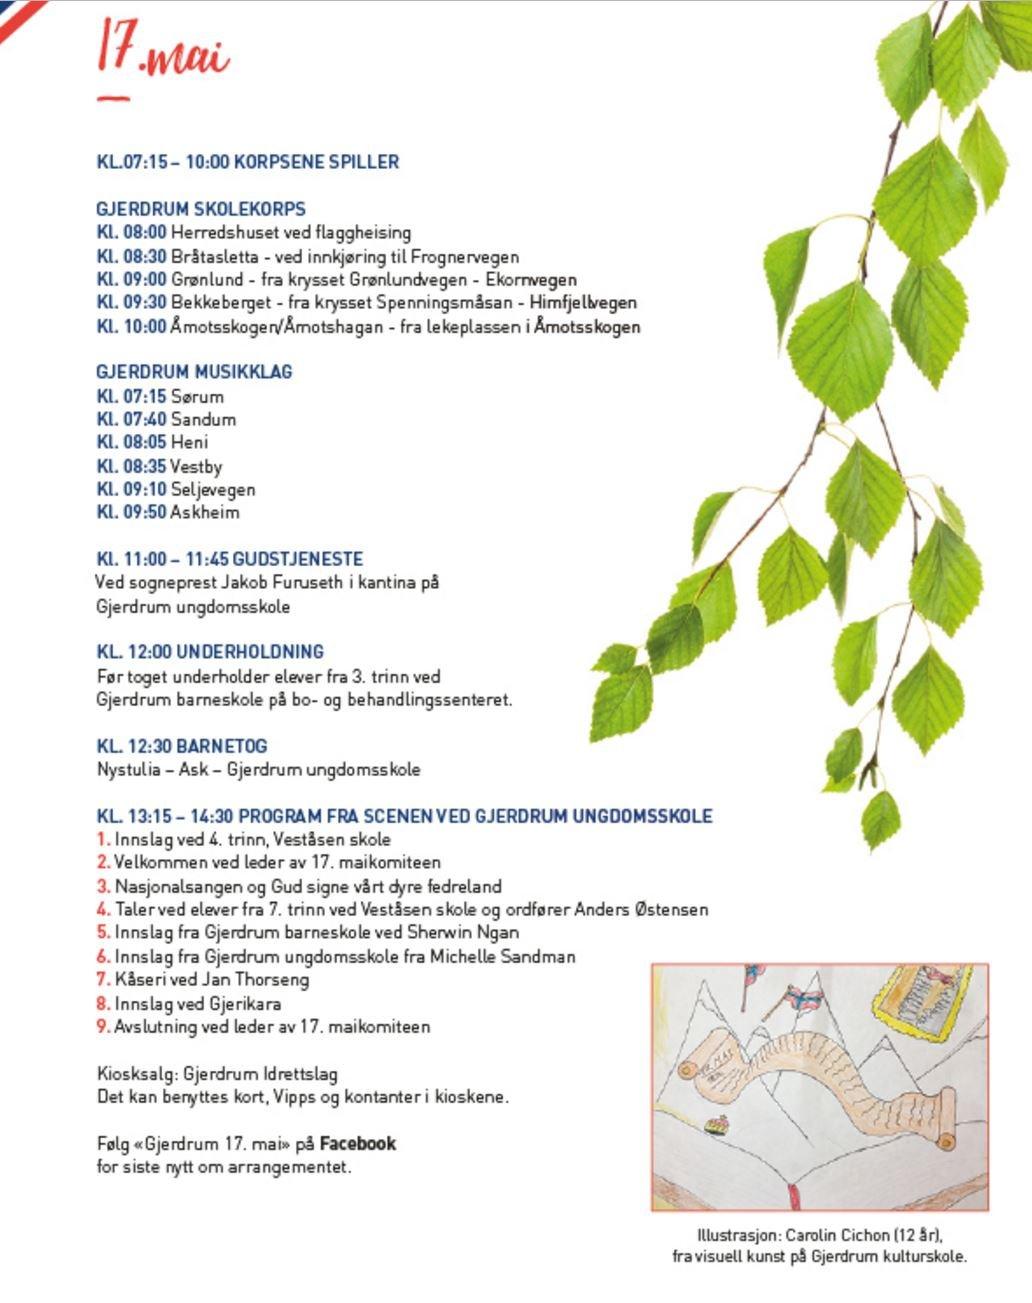 Romerikes Blad Programmet For 17 Mai Feiringen I Gjerdrum